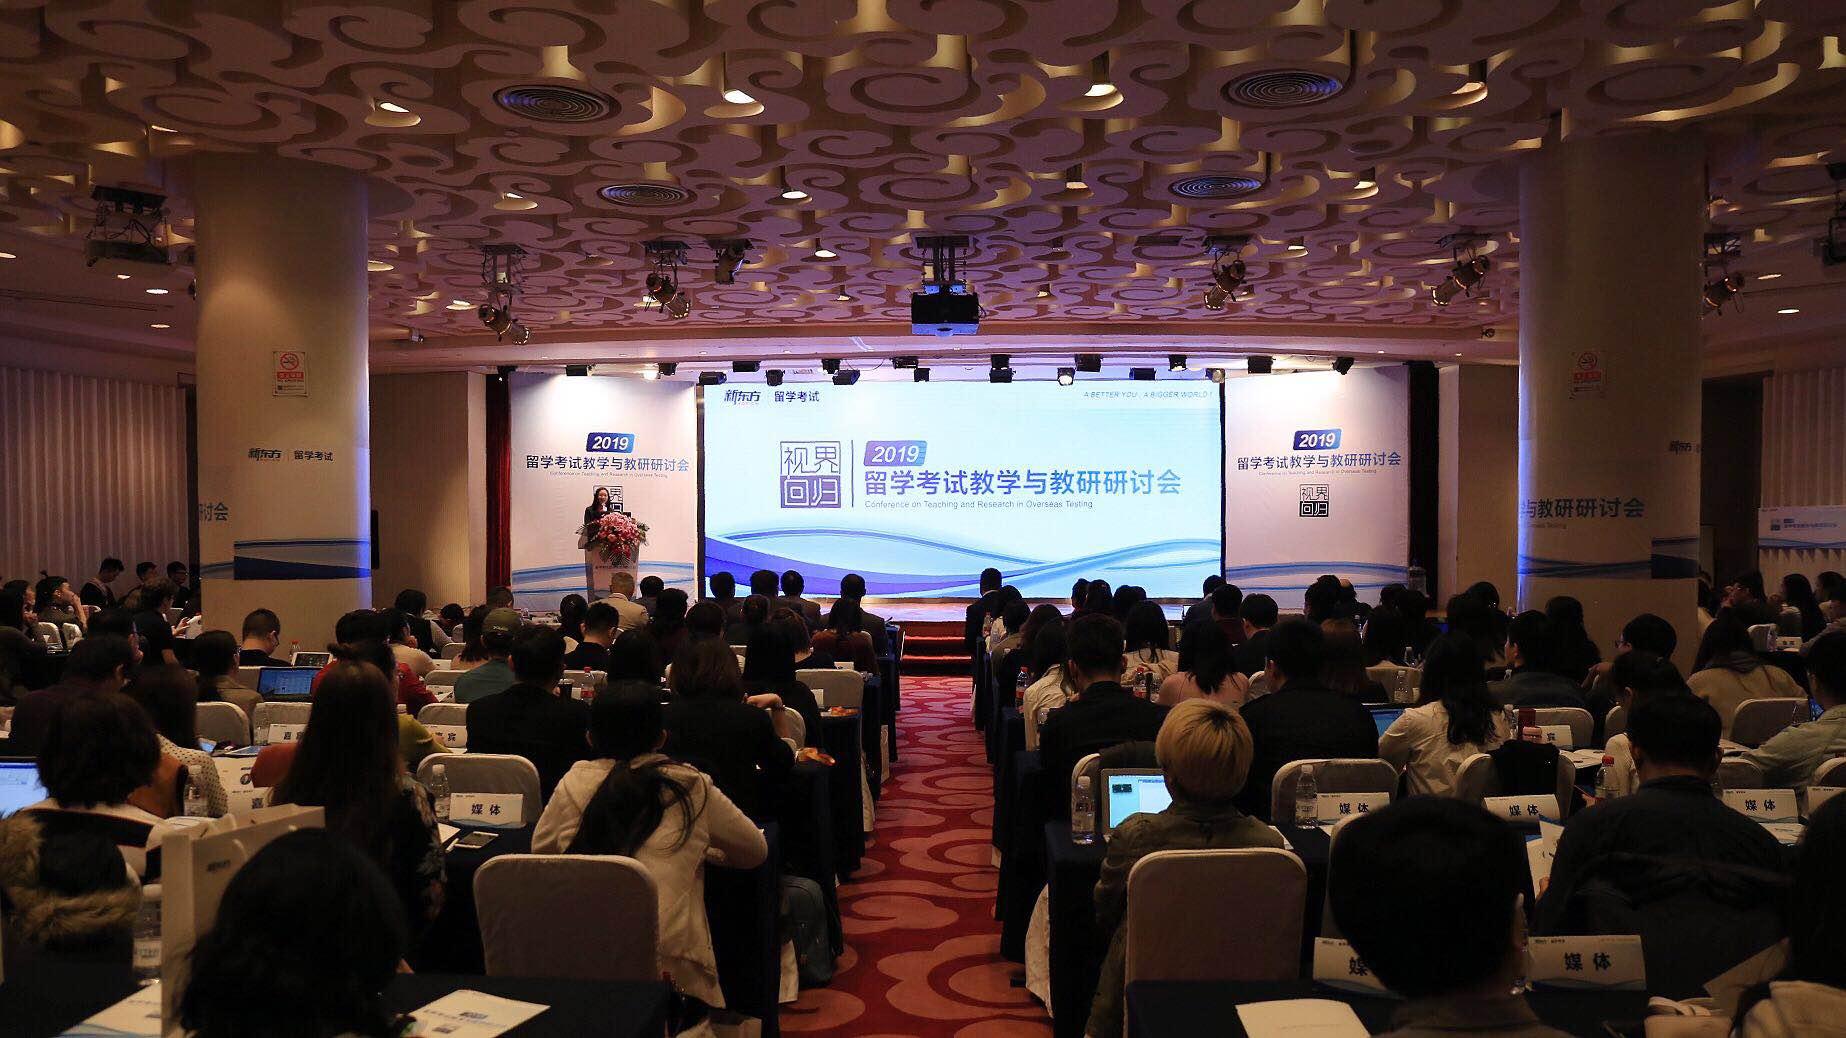 http://www.weixinrensheng.com/jiaoyu/160454.html